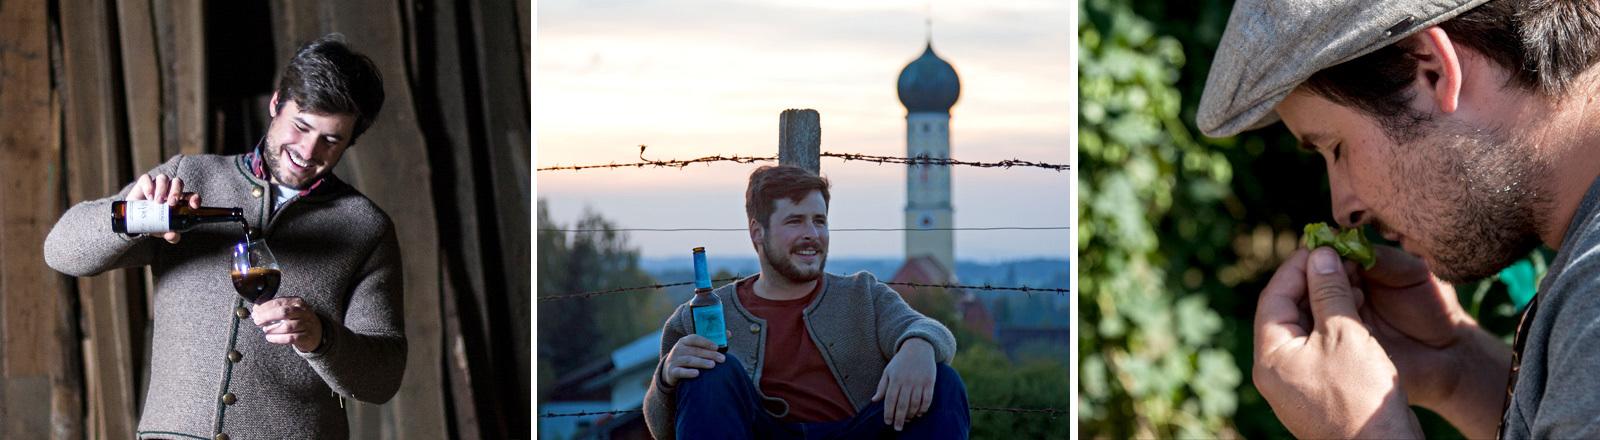 Collage: Markus Hoppe von Hoppebräu mit Bierflaschae, vor bayrischer Sonnenuntergangskulisse und beim Hopfen schnuppern